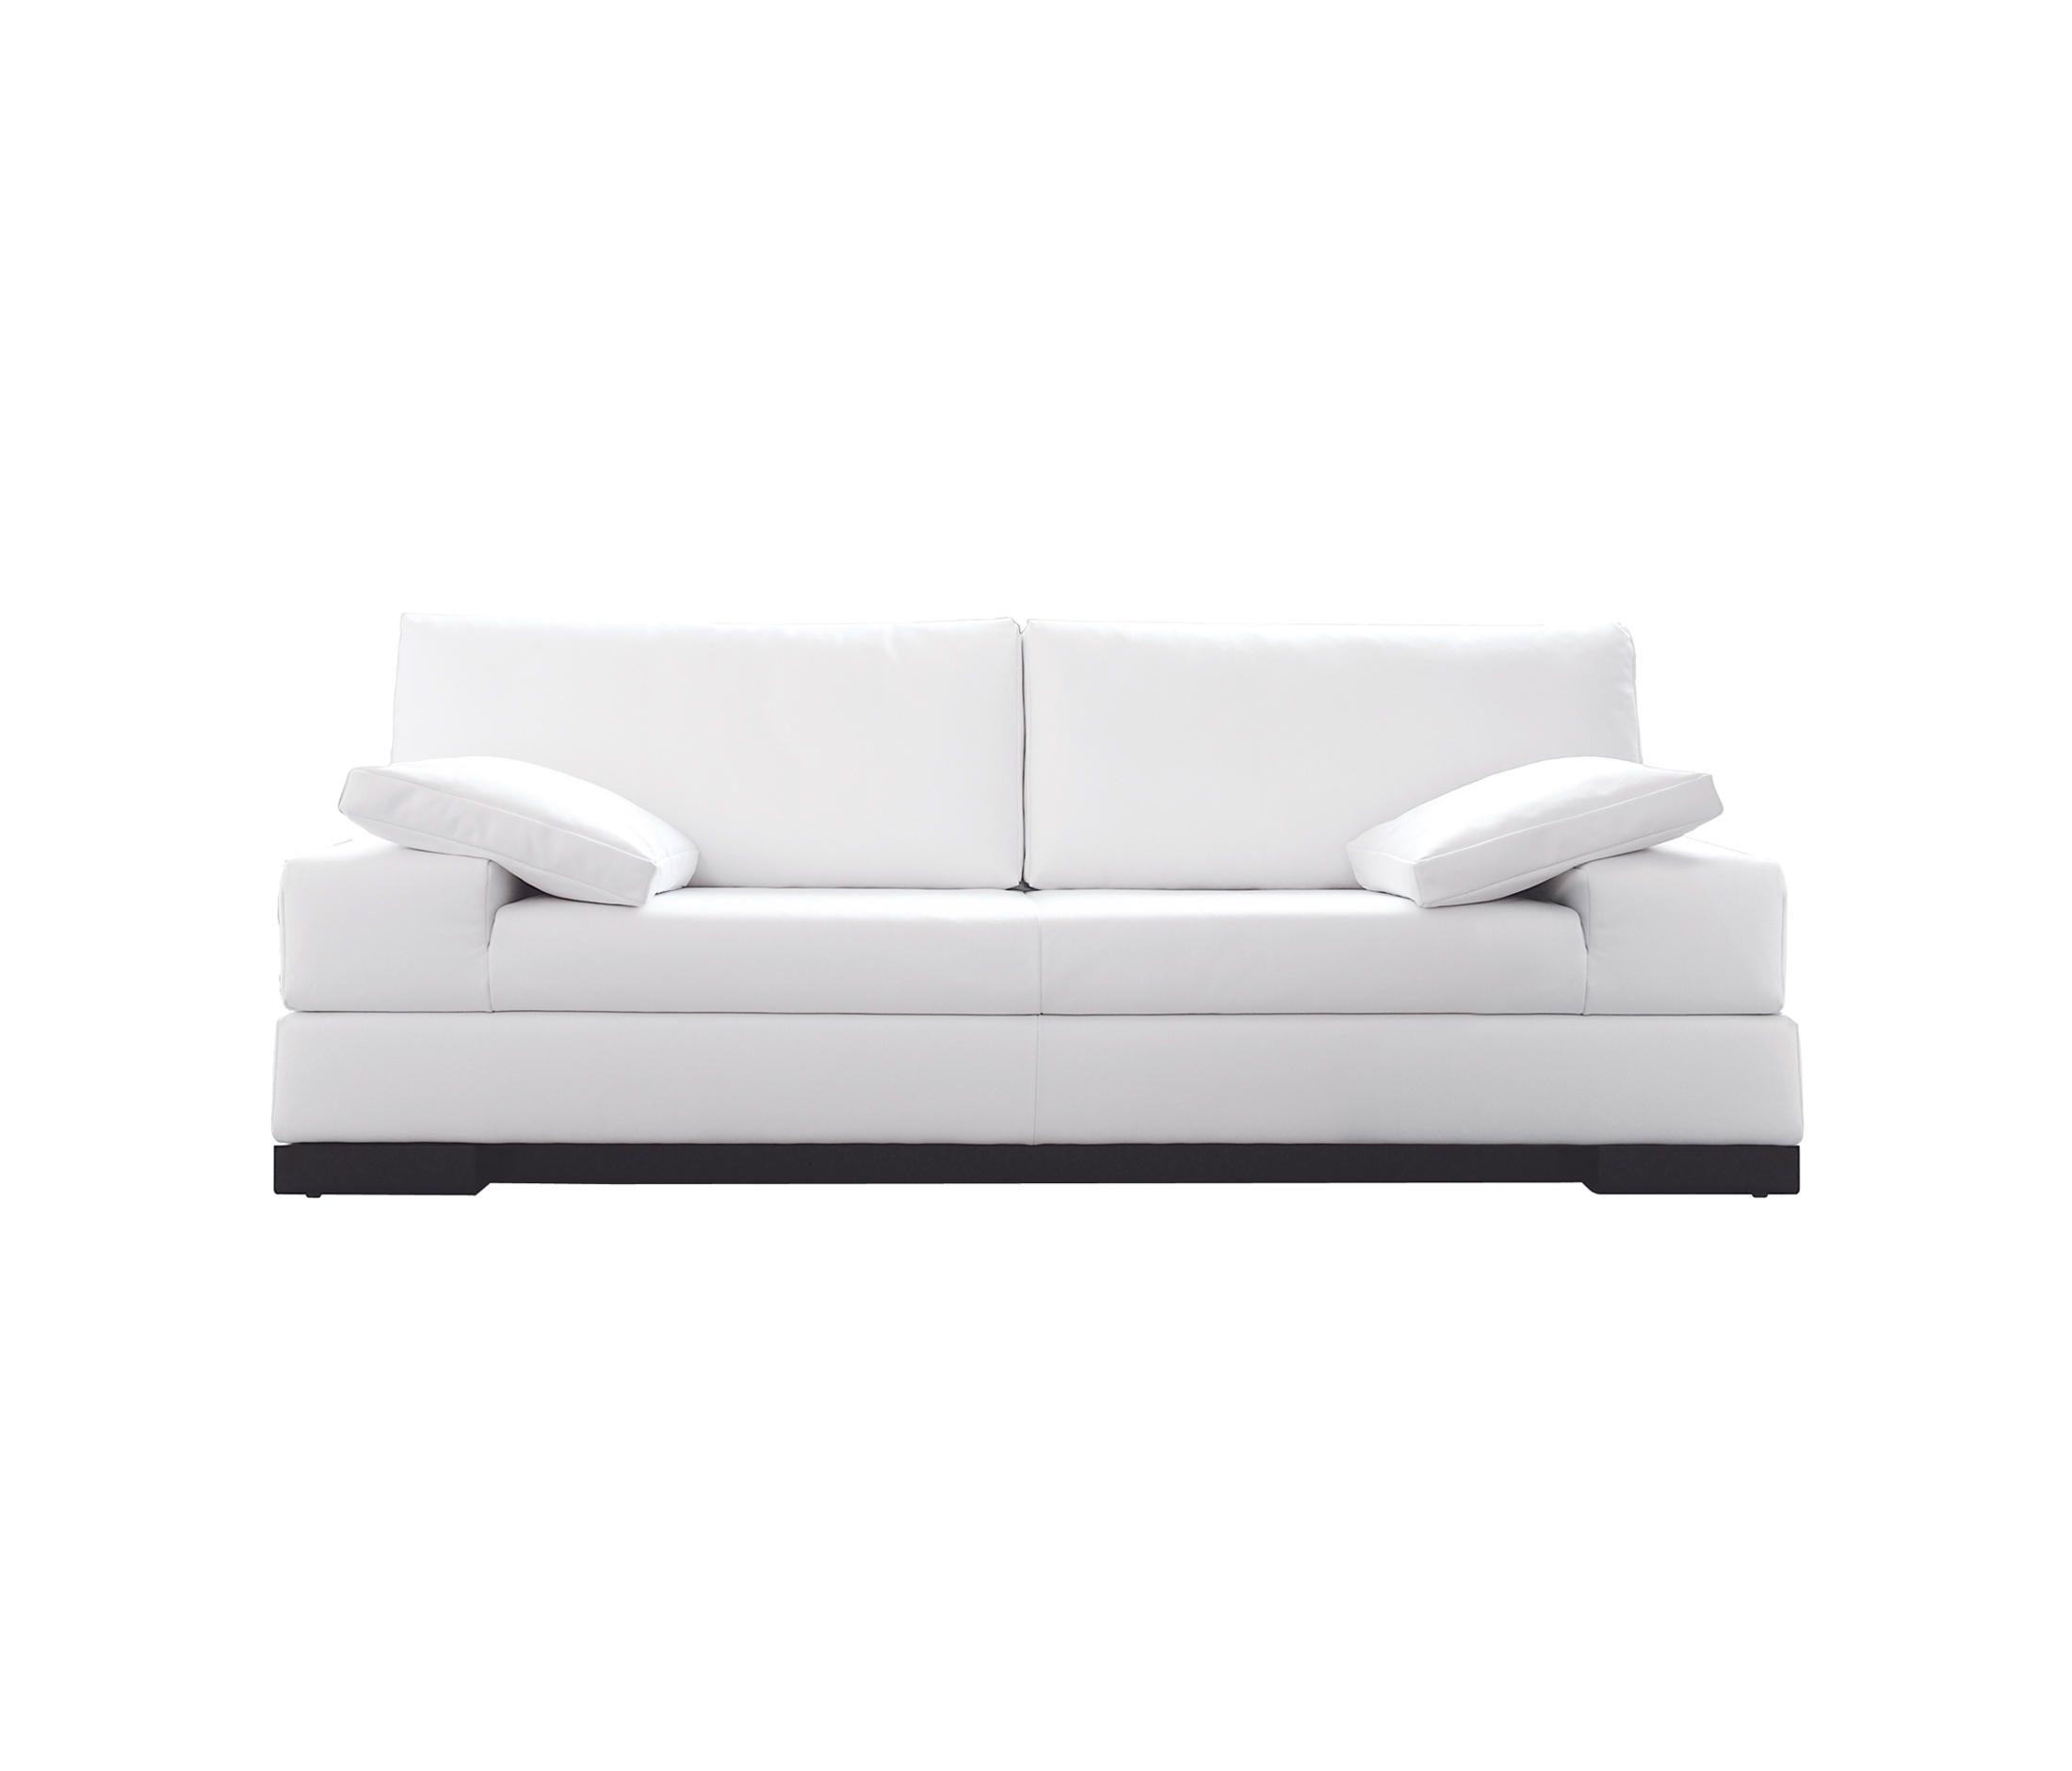 Best Sofa Bed King Size Sofa Bed King Size Sofa Luxury Sofa 640 x 480